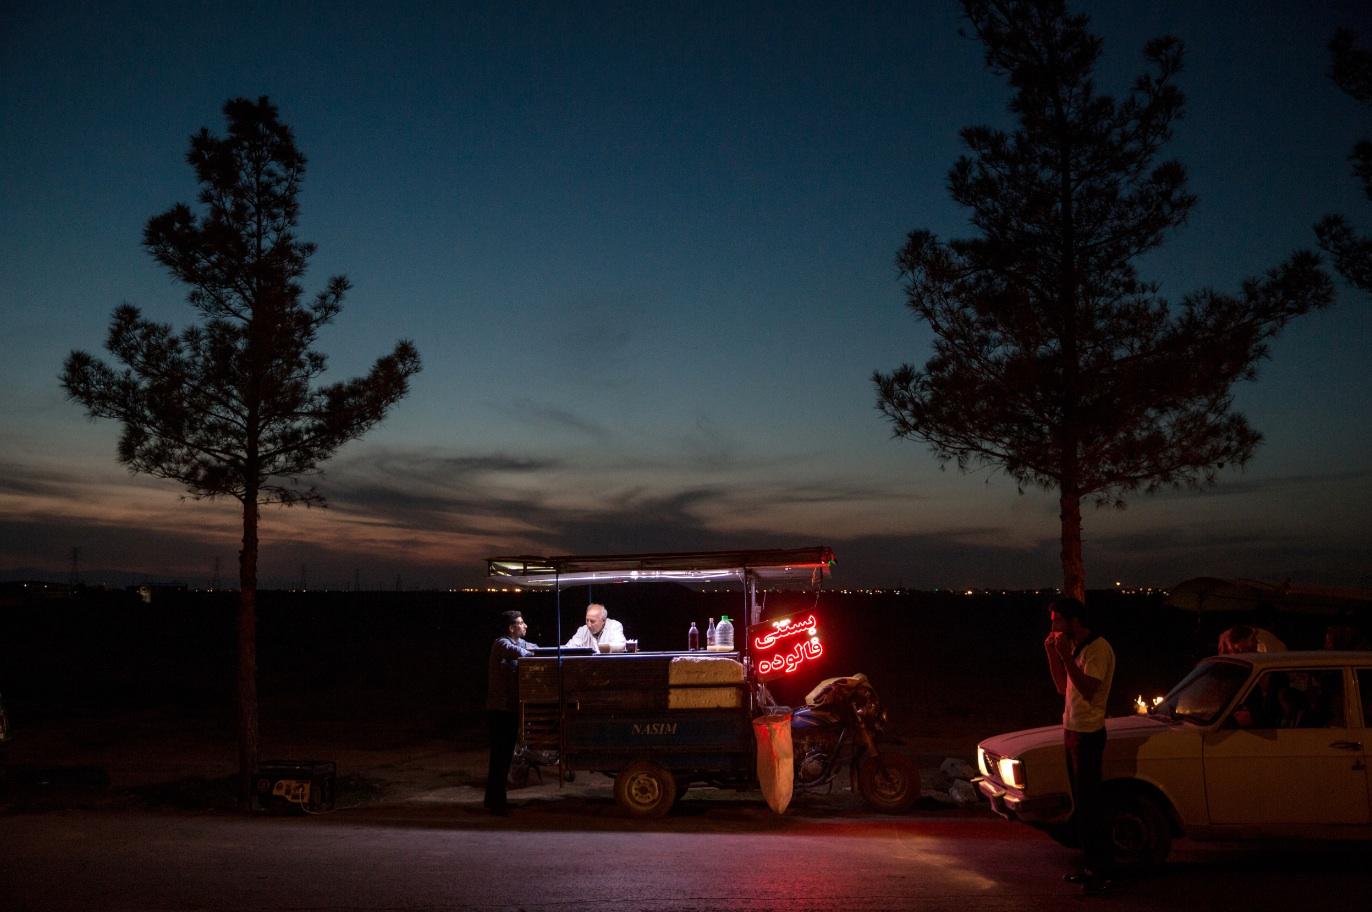 Festival di Fotografia Les Rencontres d'Arles 2017. Intervista a Marcello Fortini